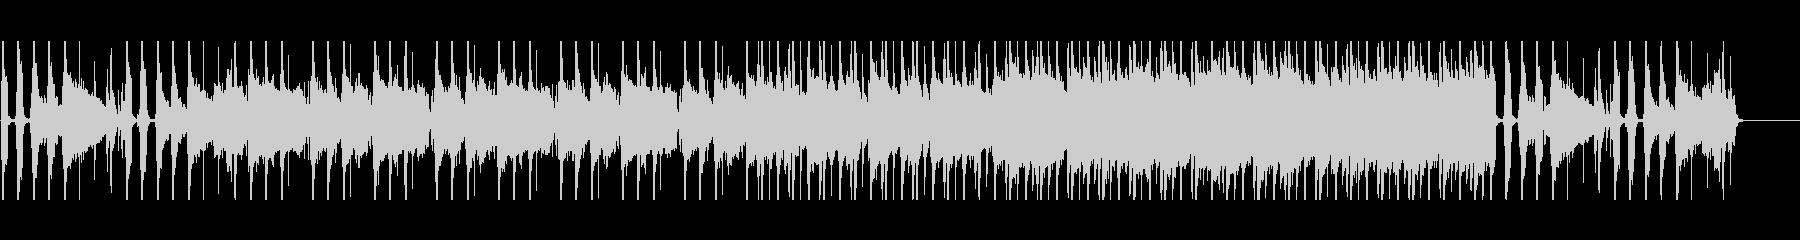 バンド曲/エレキギター/儚い雰囲気の未再生の波形